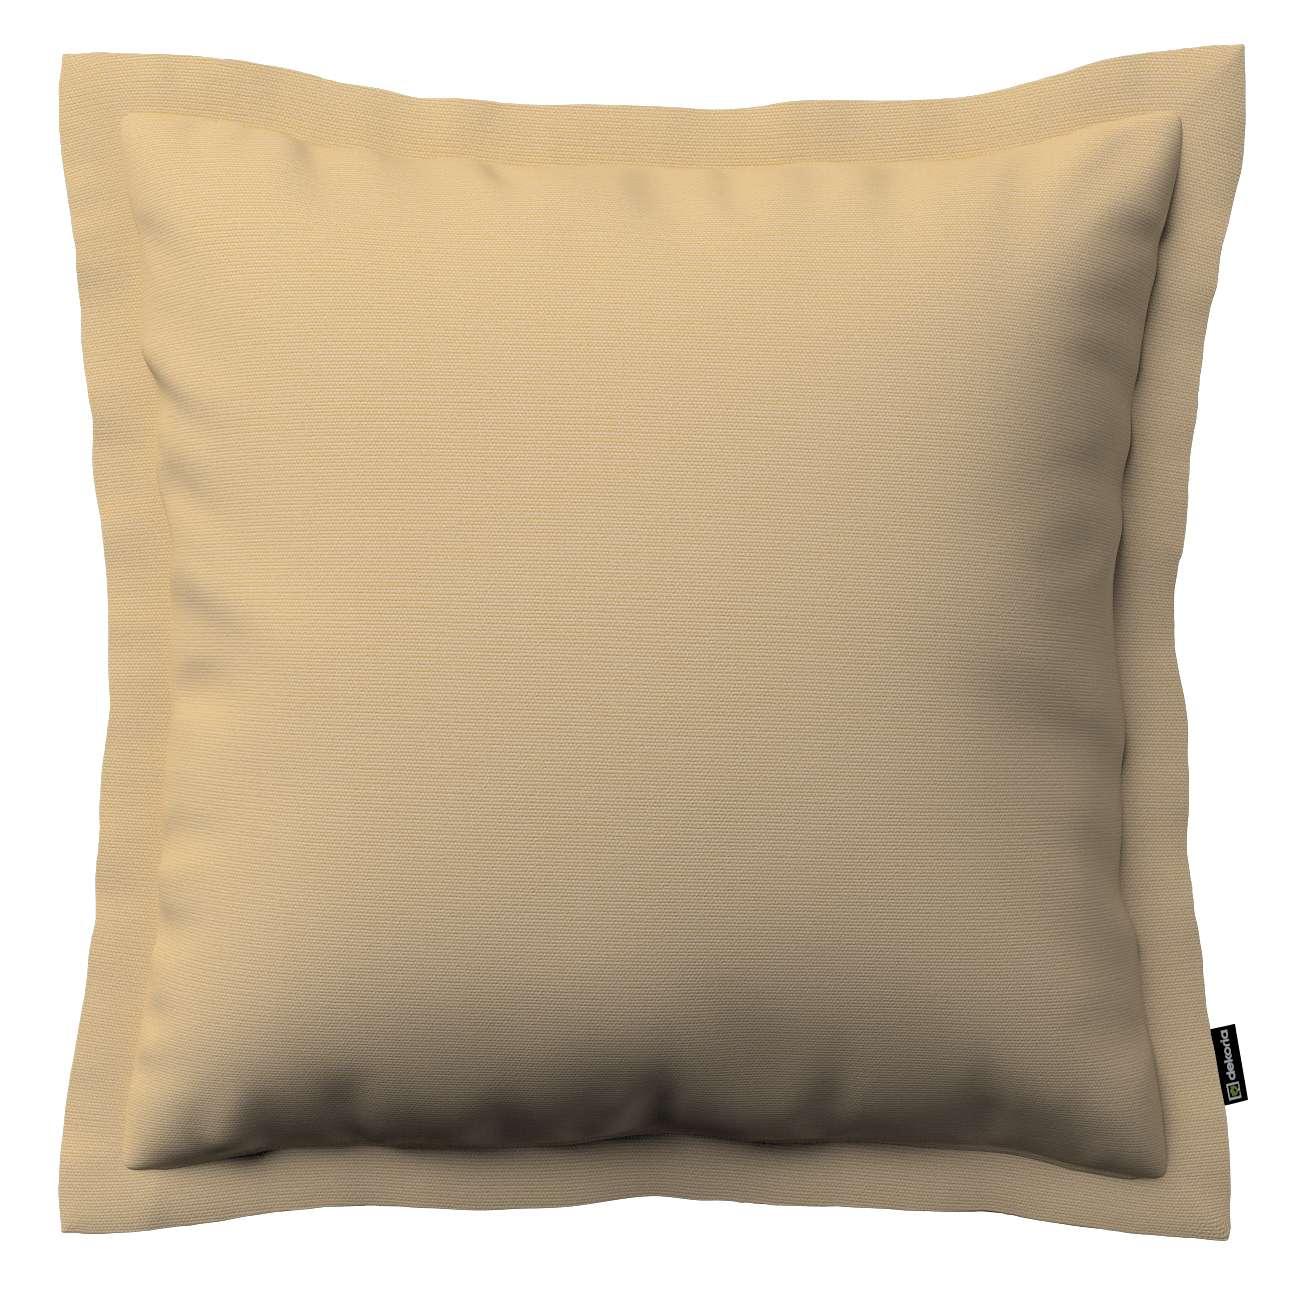 Kissenhülle Mona mit Stehsaum von der Kollektion Cotton Panama, Stoff: 702-01